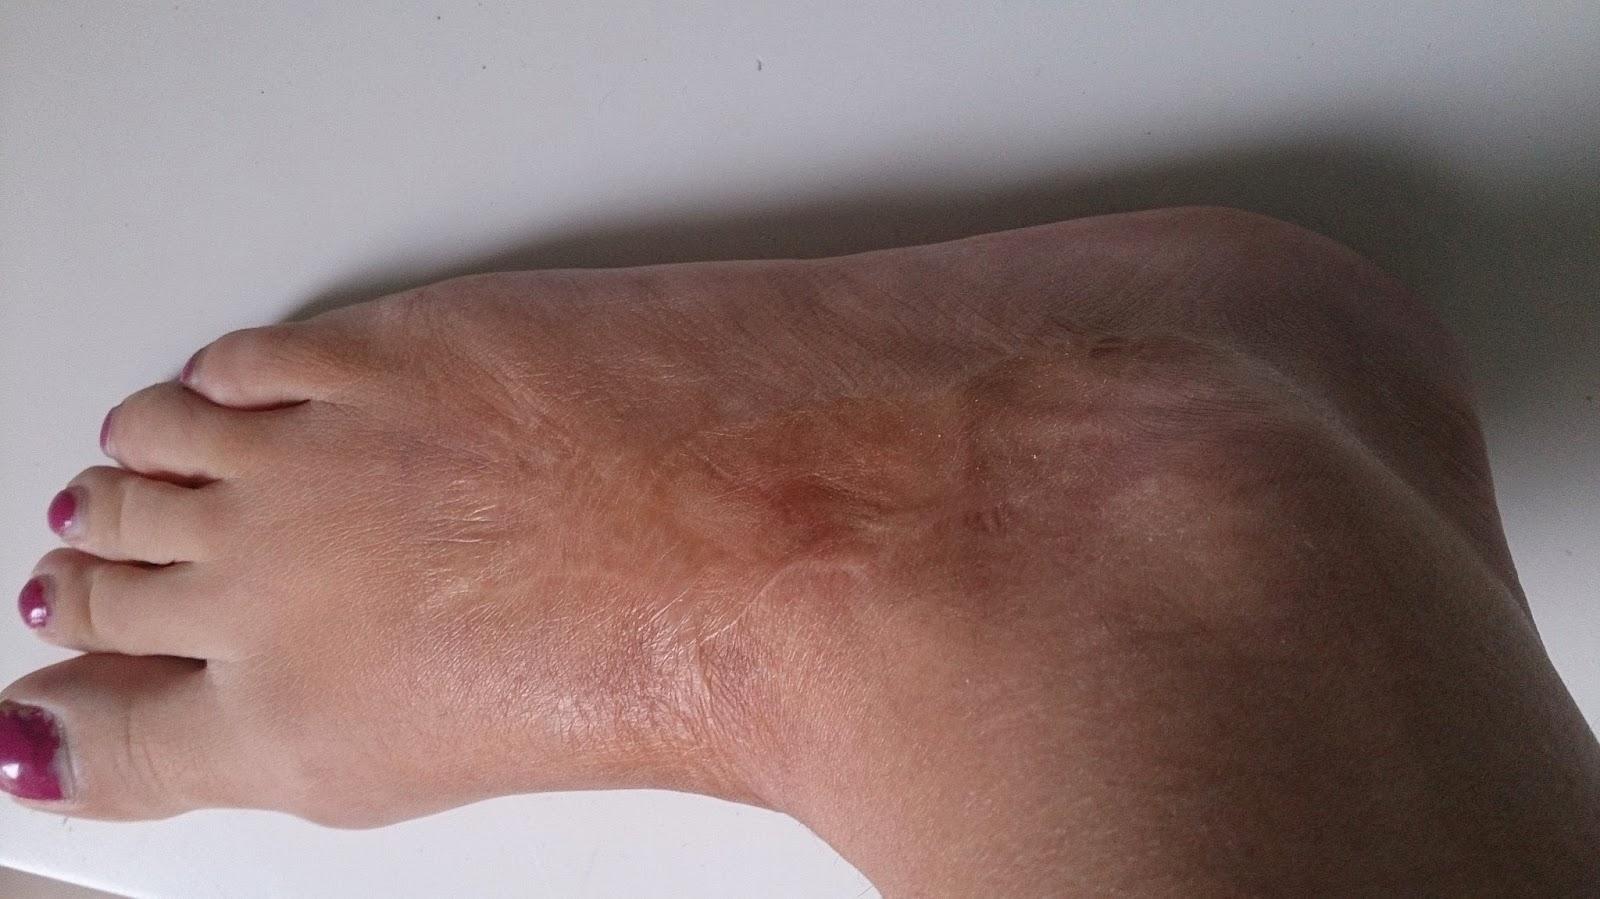 voet van muis